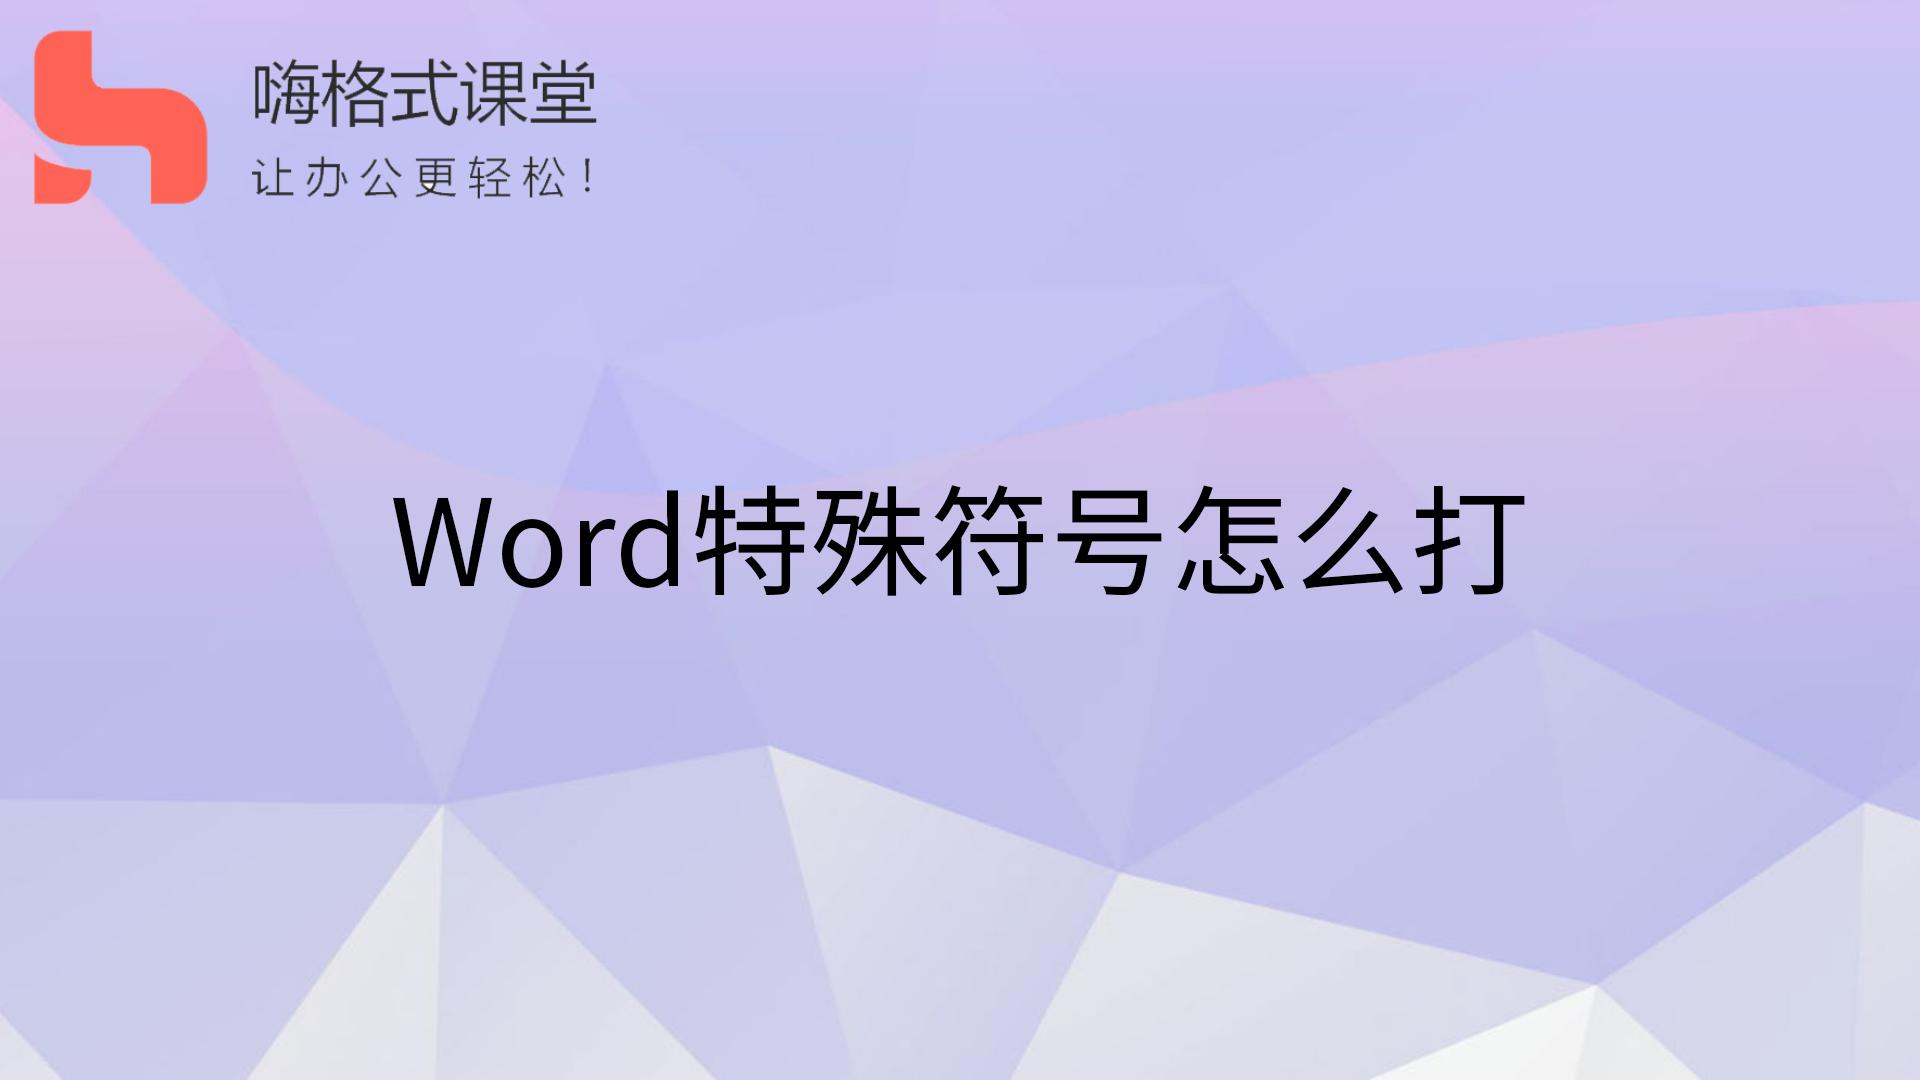 Word特殊符号怎么打